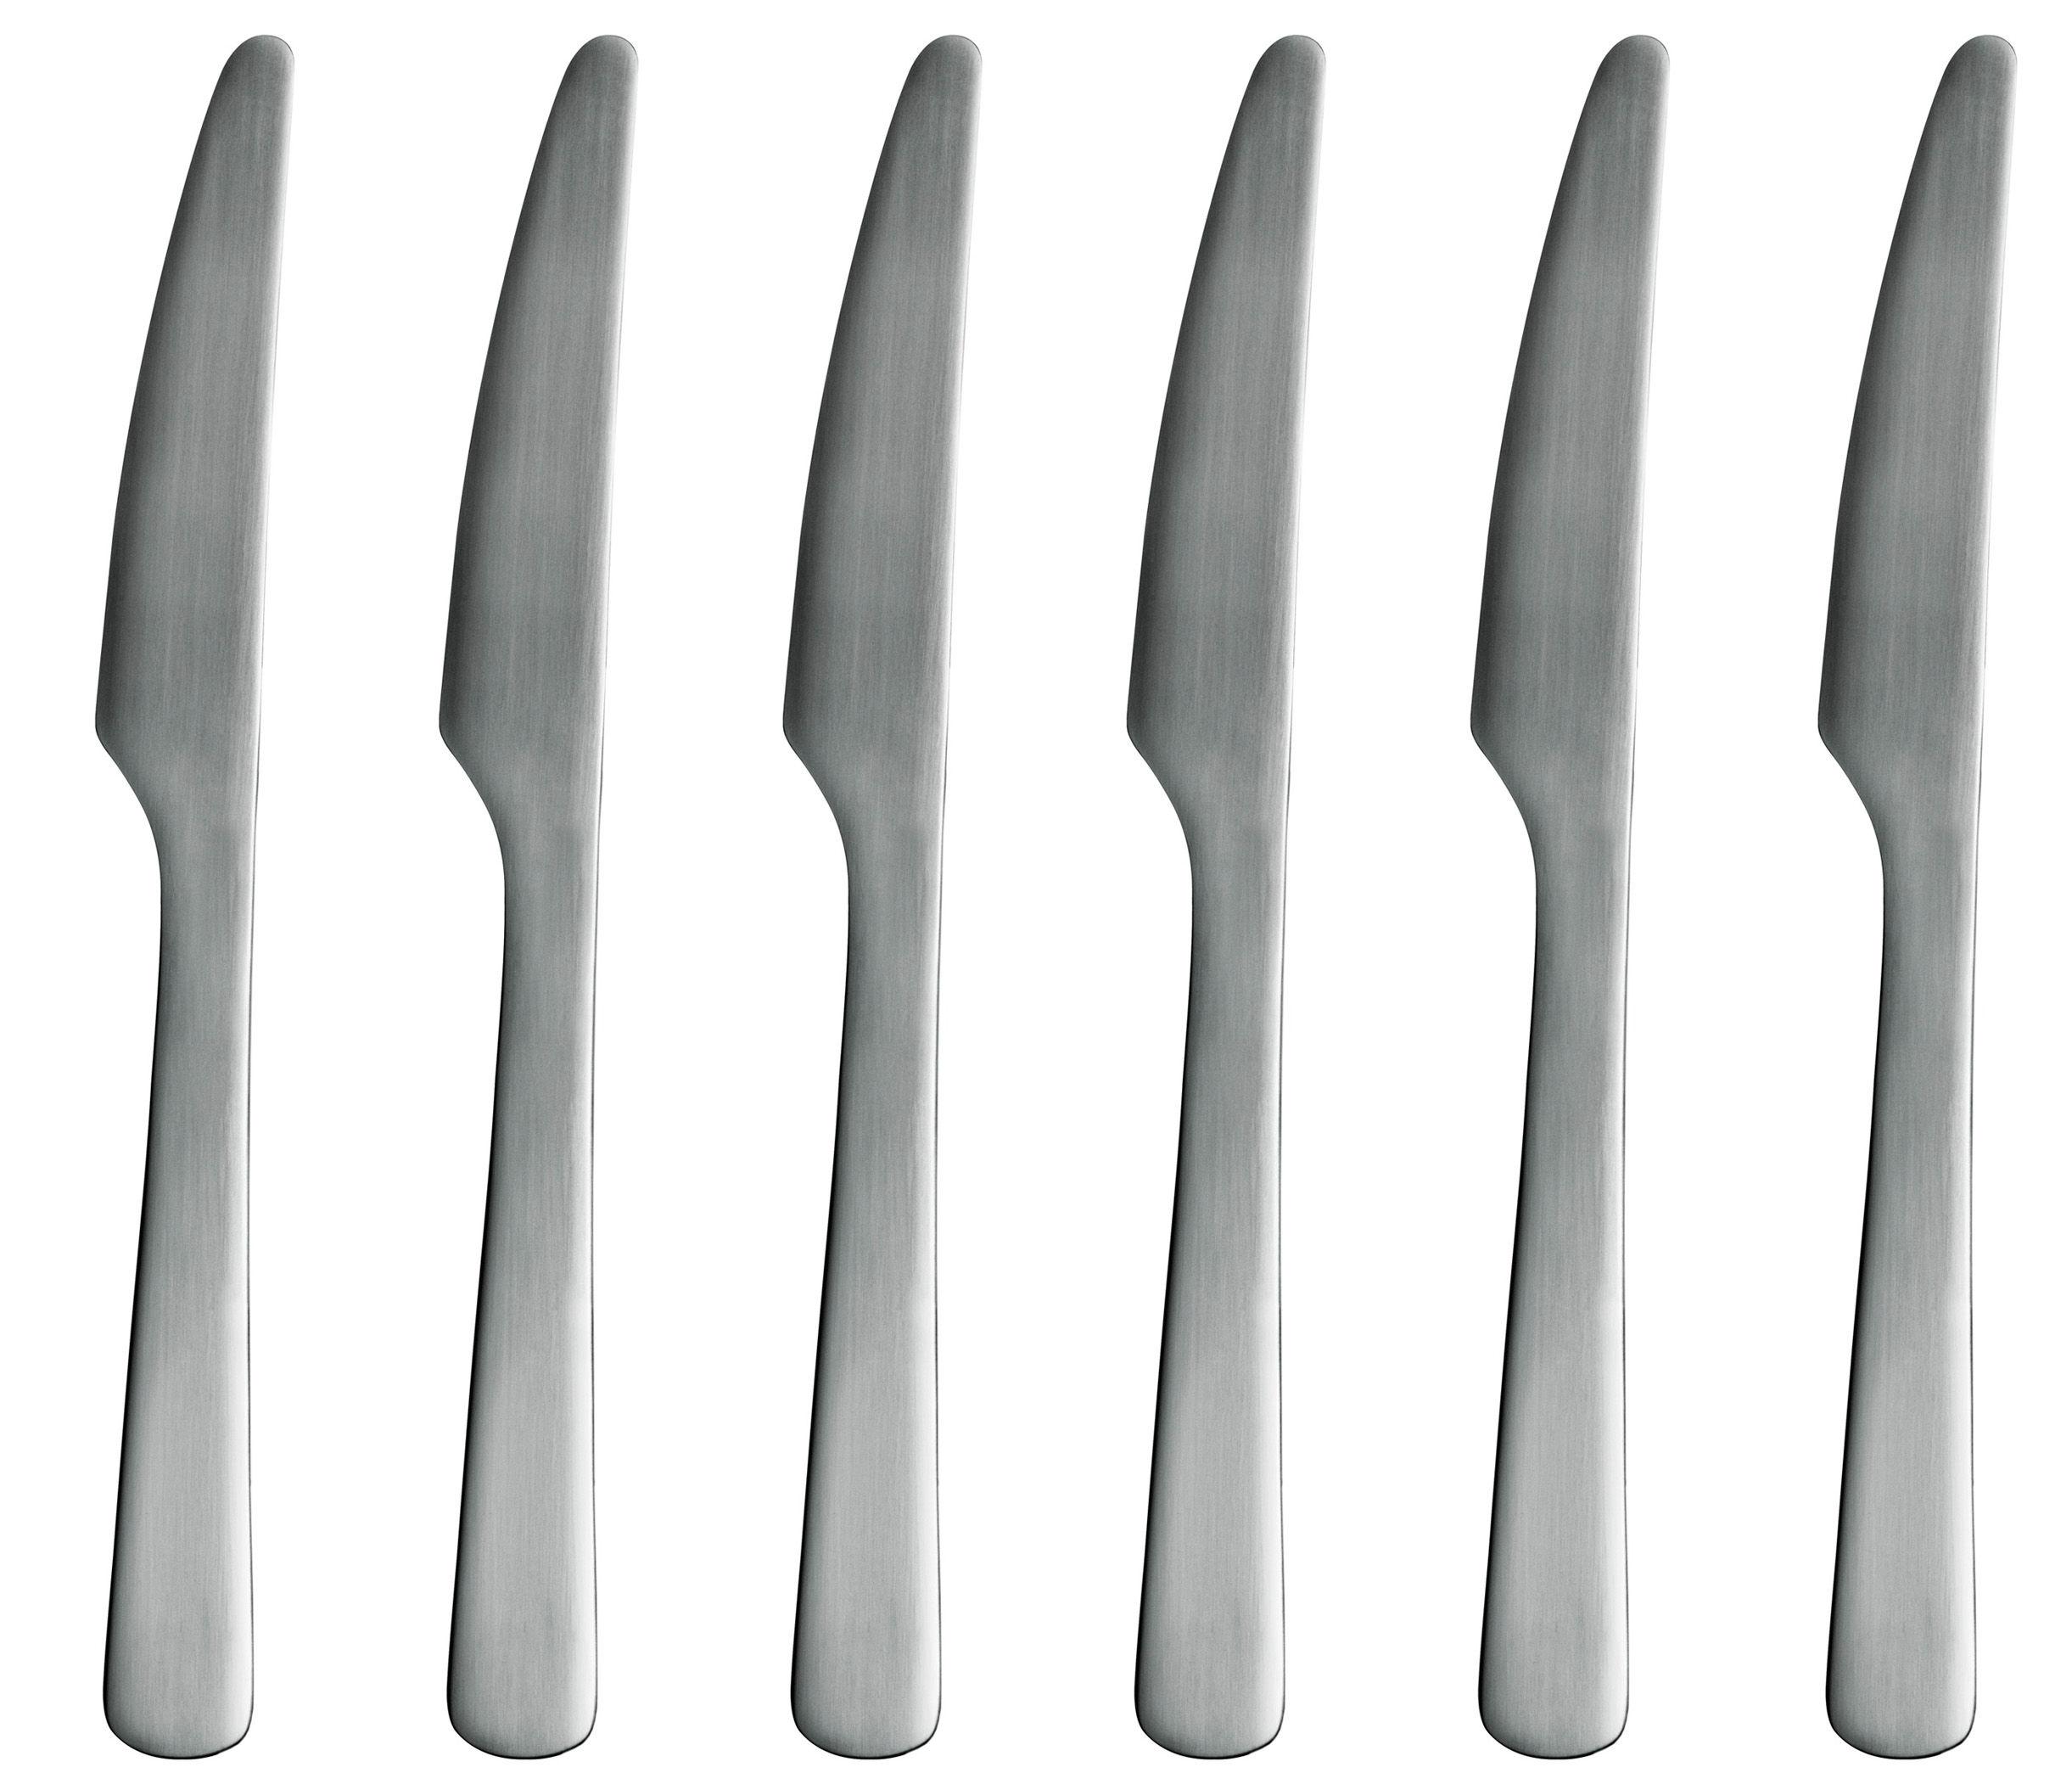 Tavola - Posate - Coltello da tavola Normann - lotto da 6 di Normann Copenhagen - Acciaio Mat - Acciaio